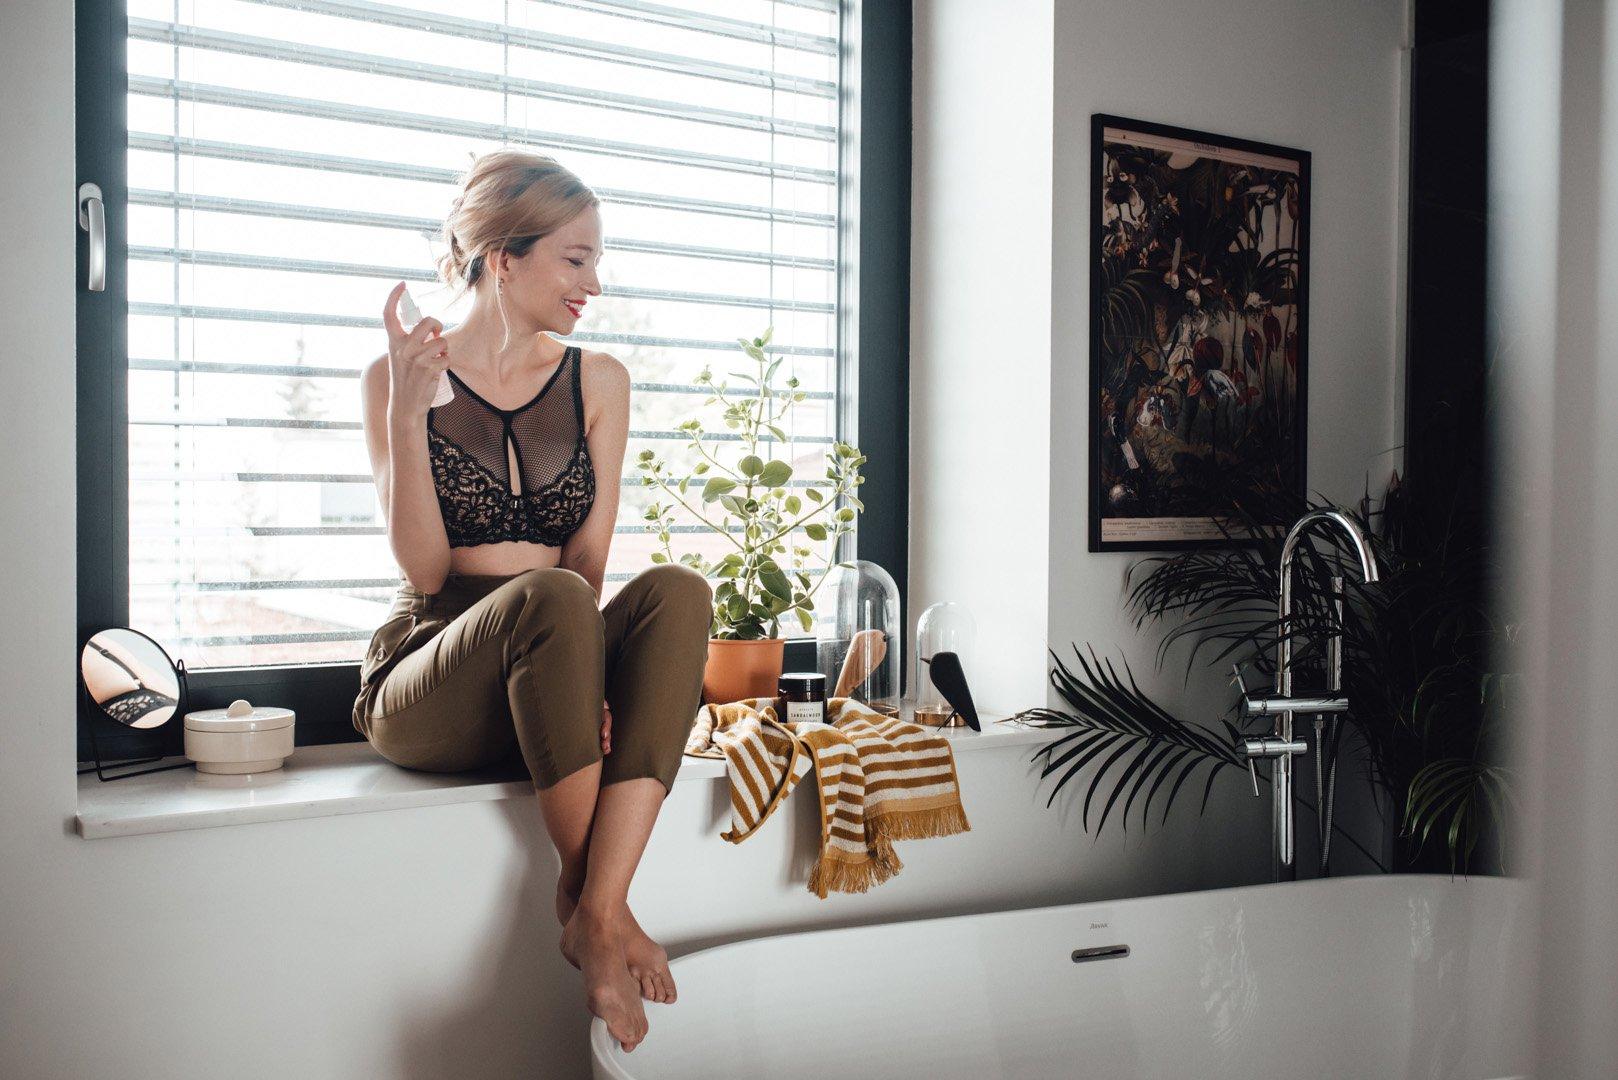 Hity kosmetyczne, czyli poprawmy sobie humor, siedząc w domu!